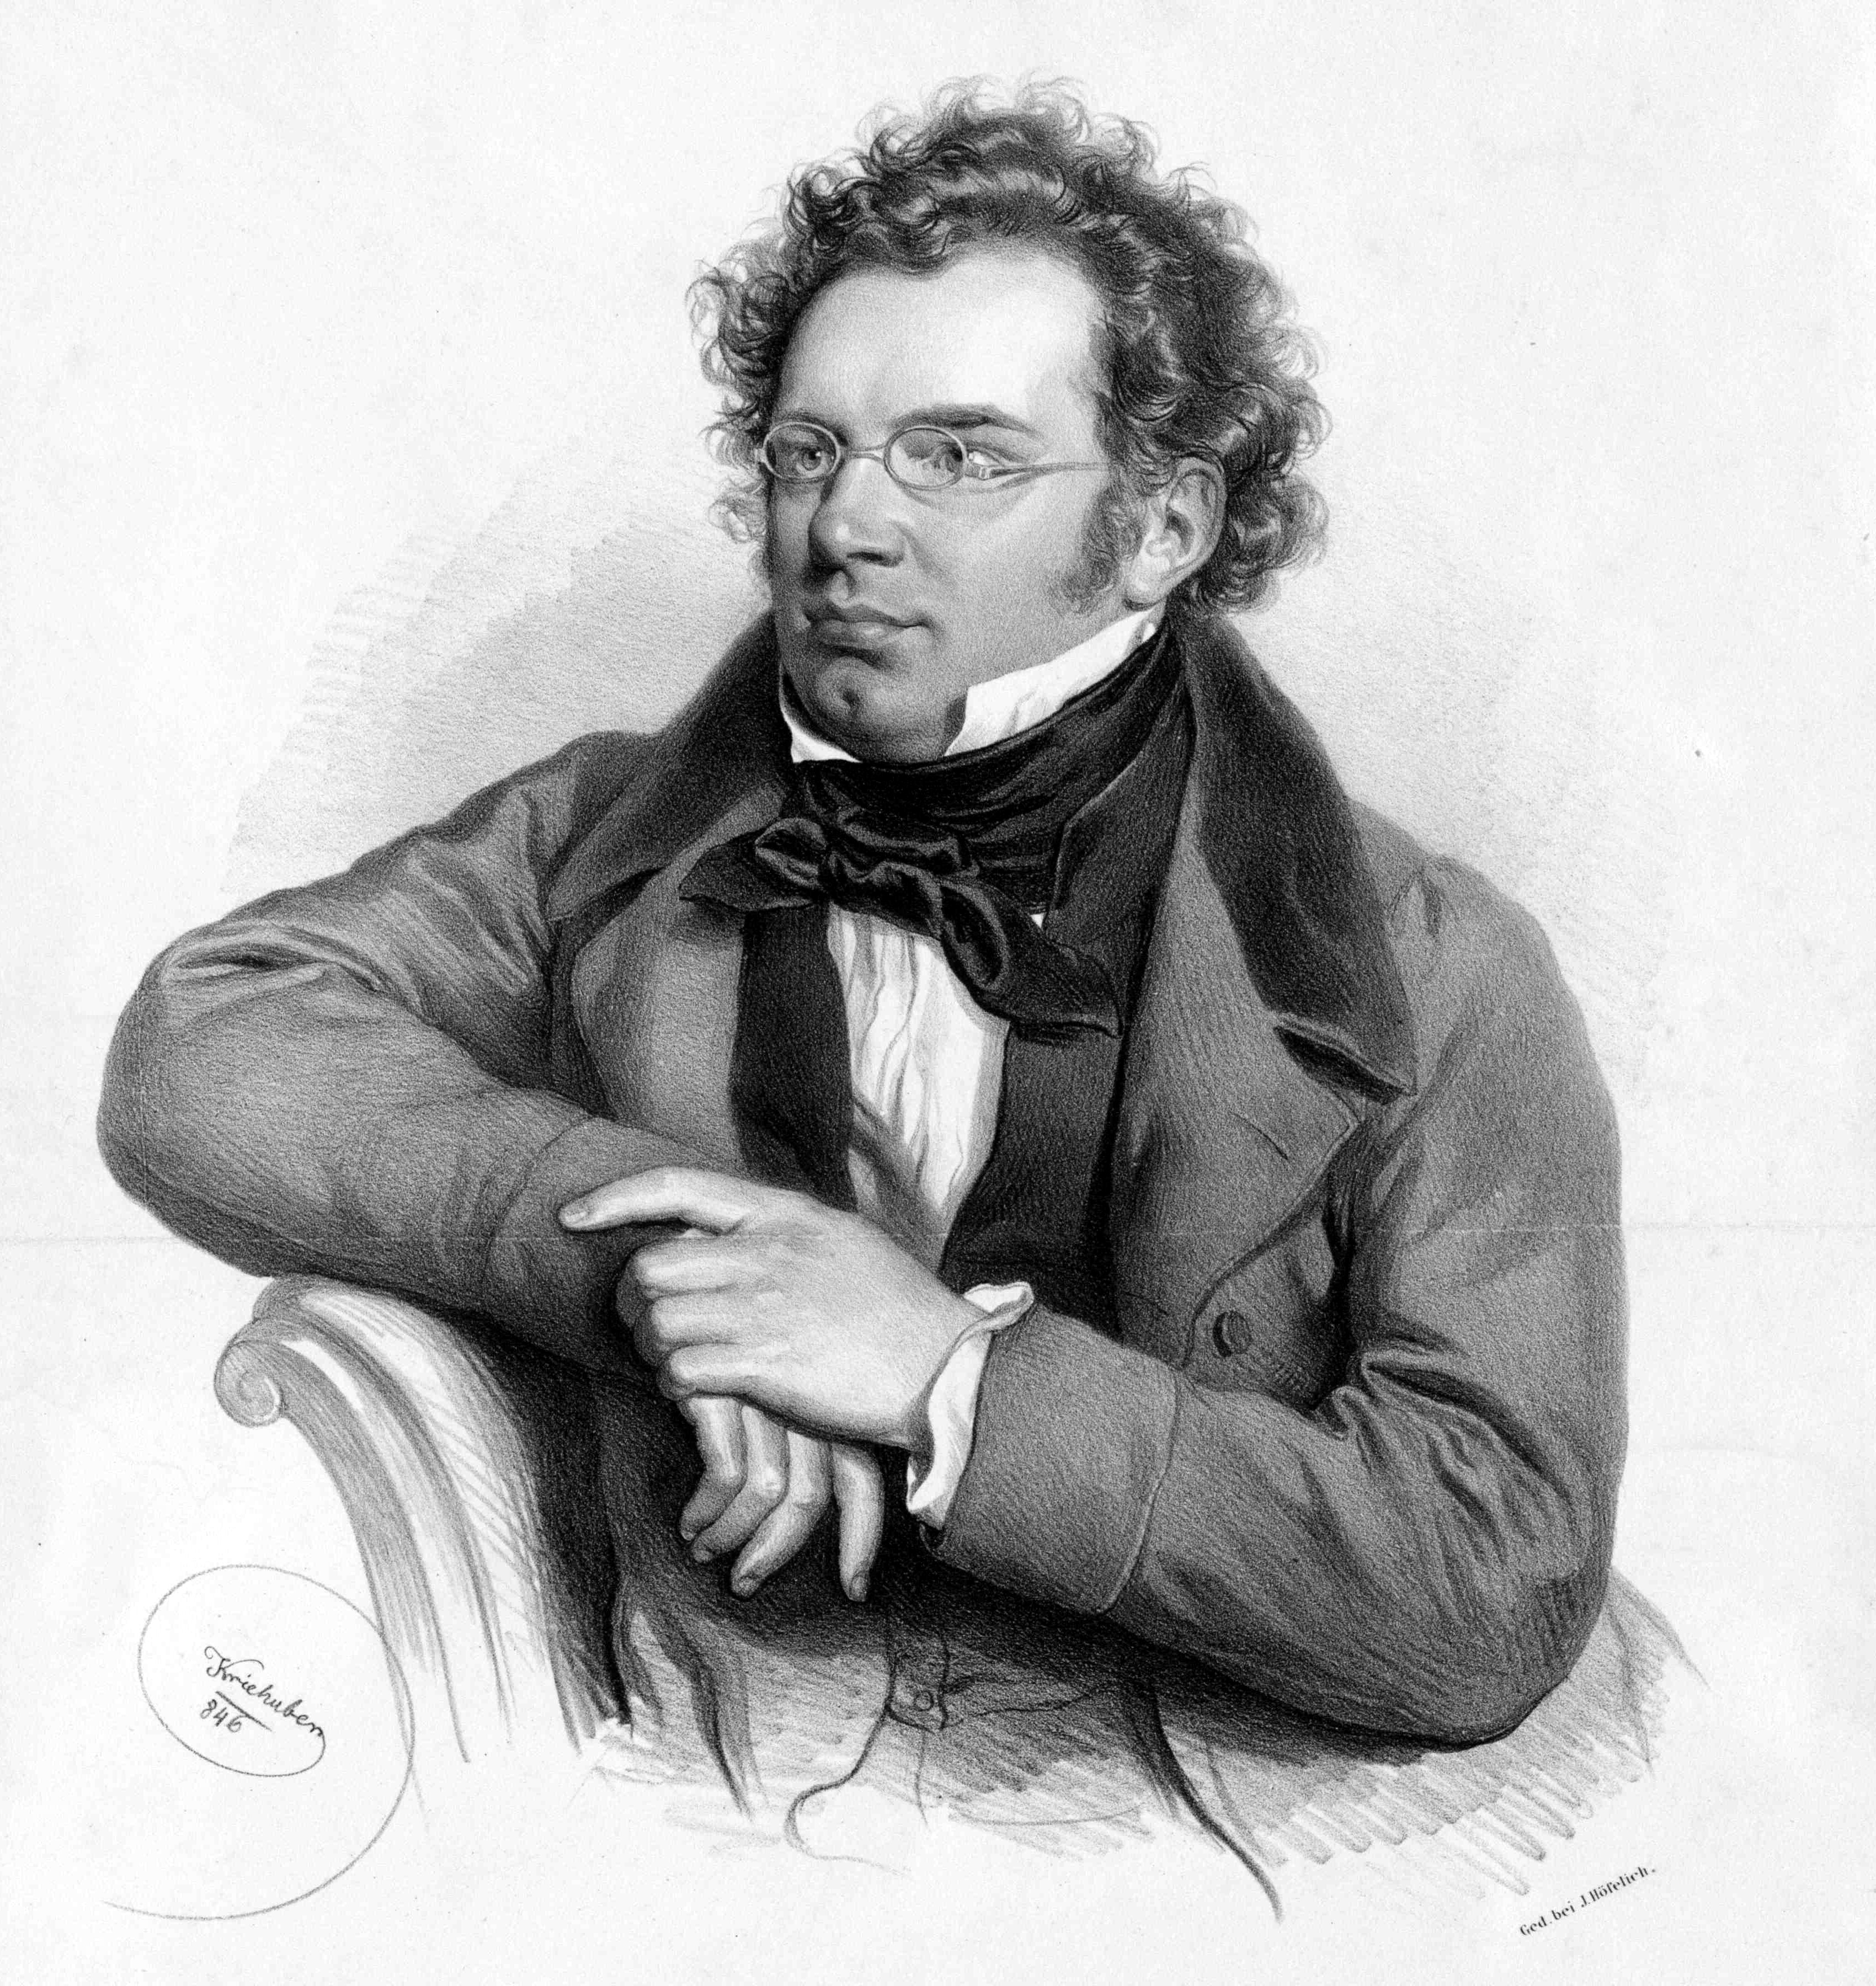 Schubert